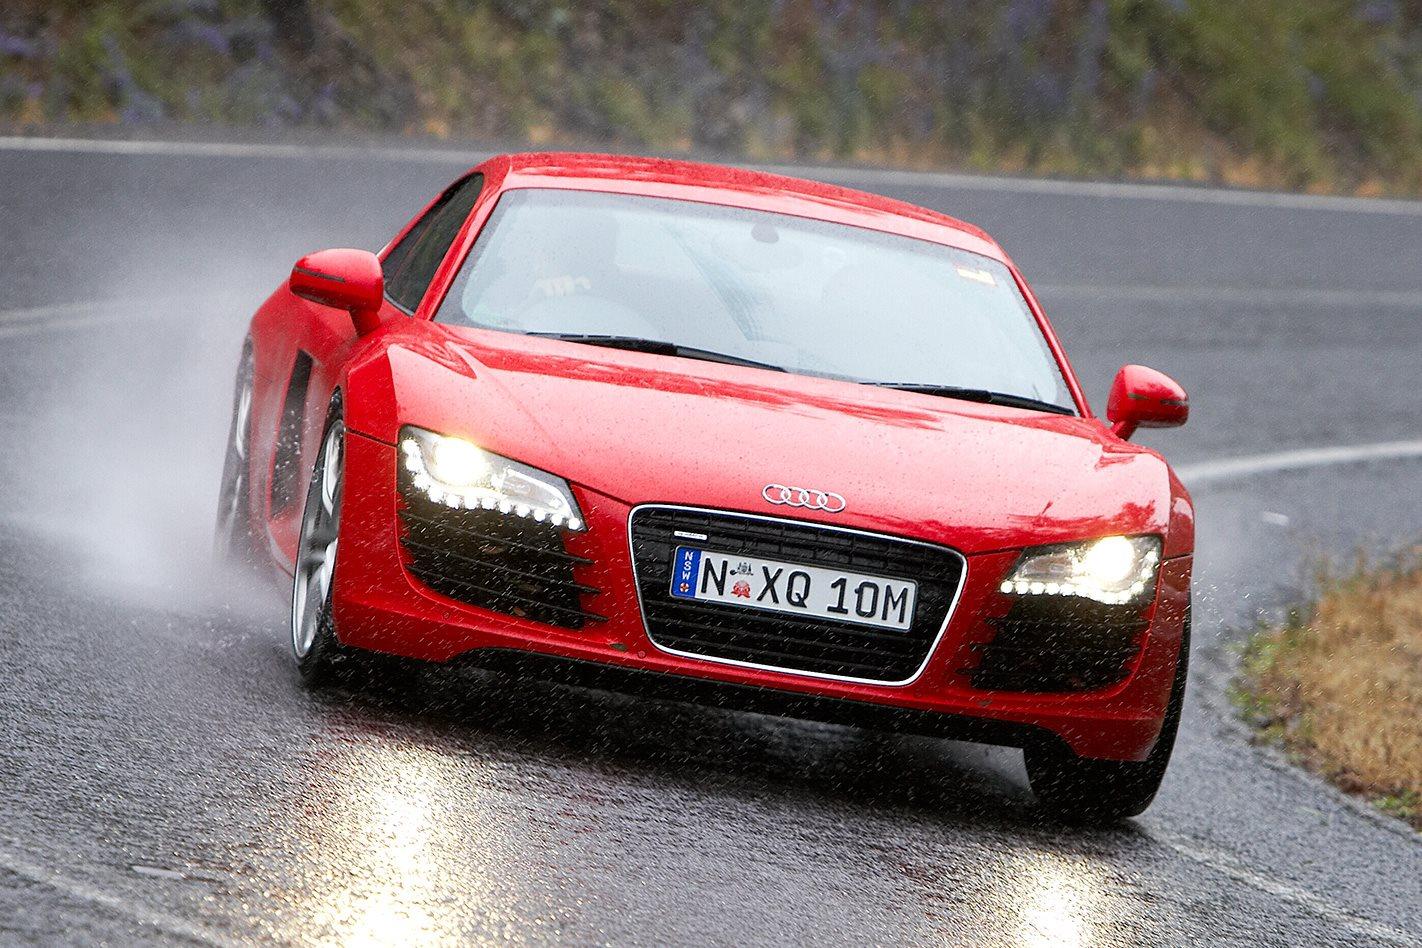 2008 Audi R8 front